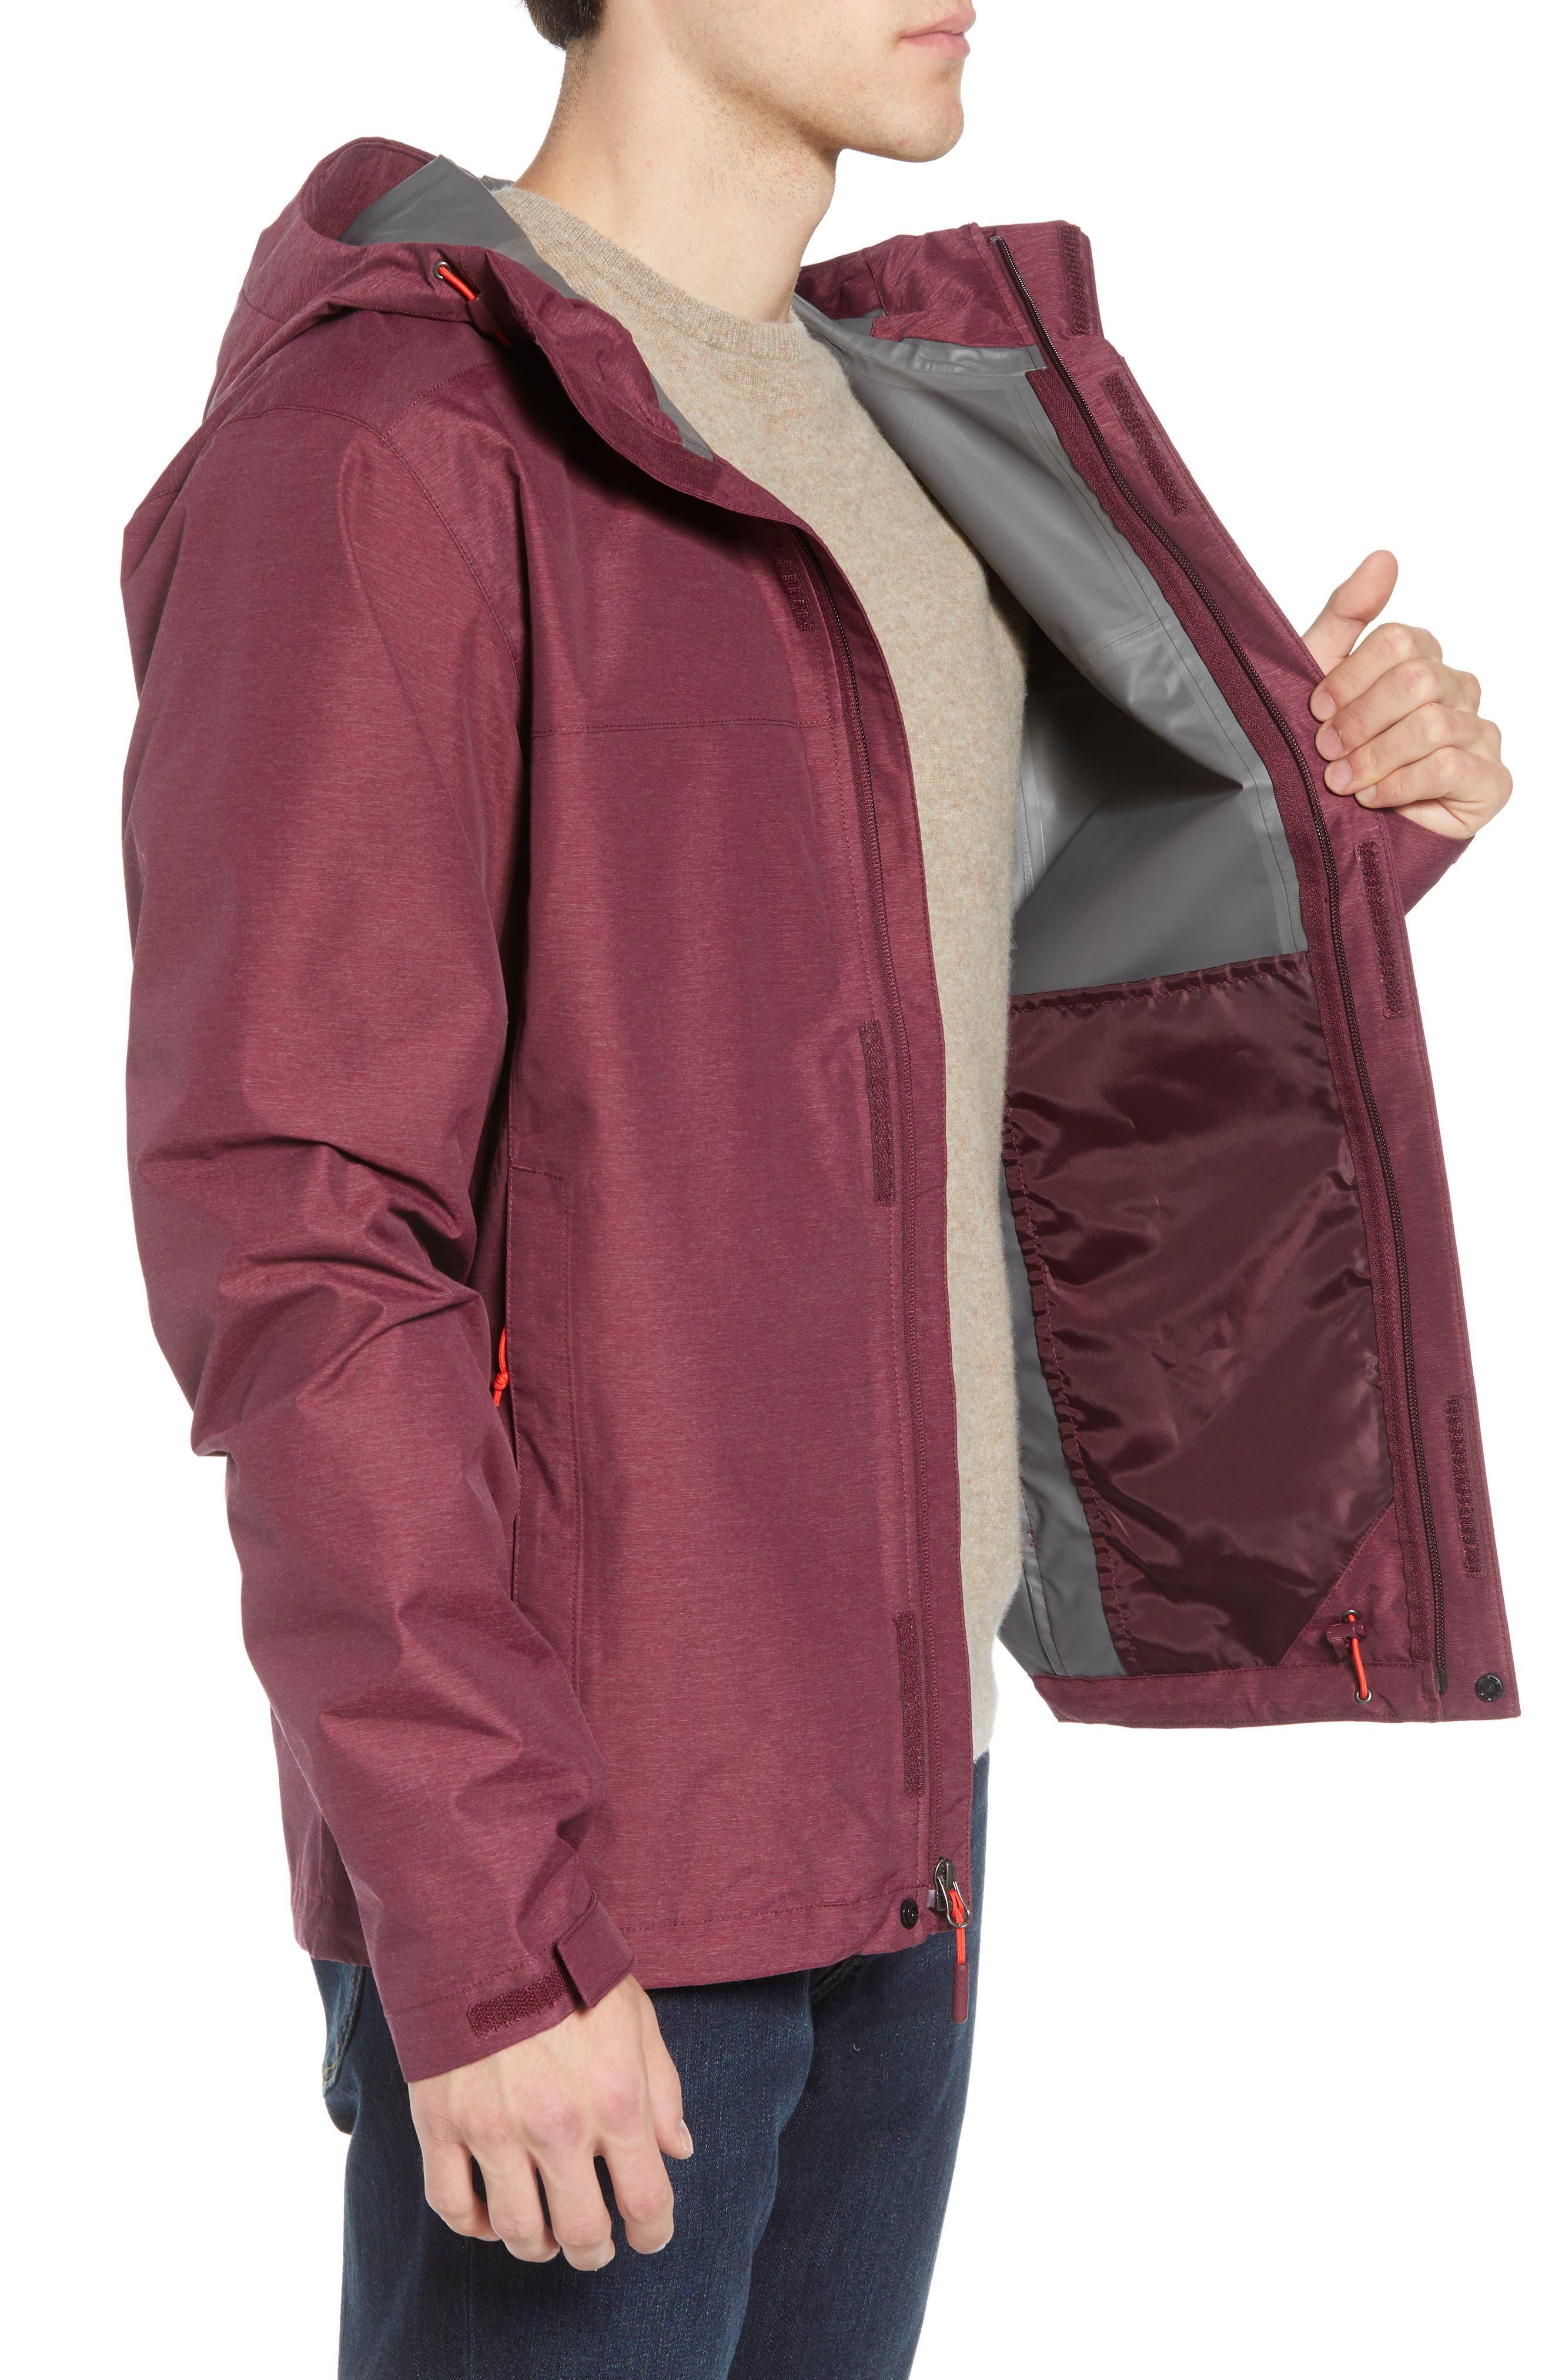 Venture II Raincoat,                             Alternate thumbnail 3, color,                             FIG HEATHER/ FIG HEATHER